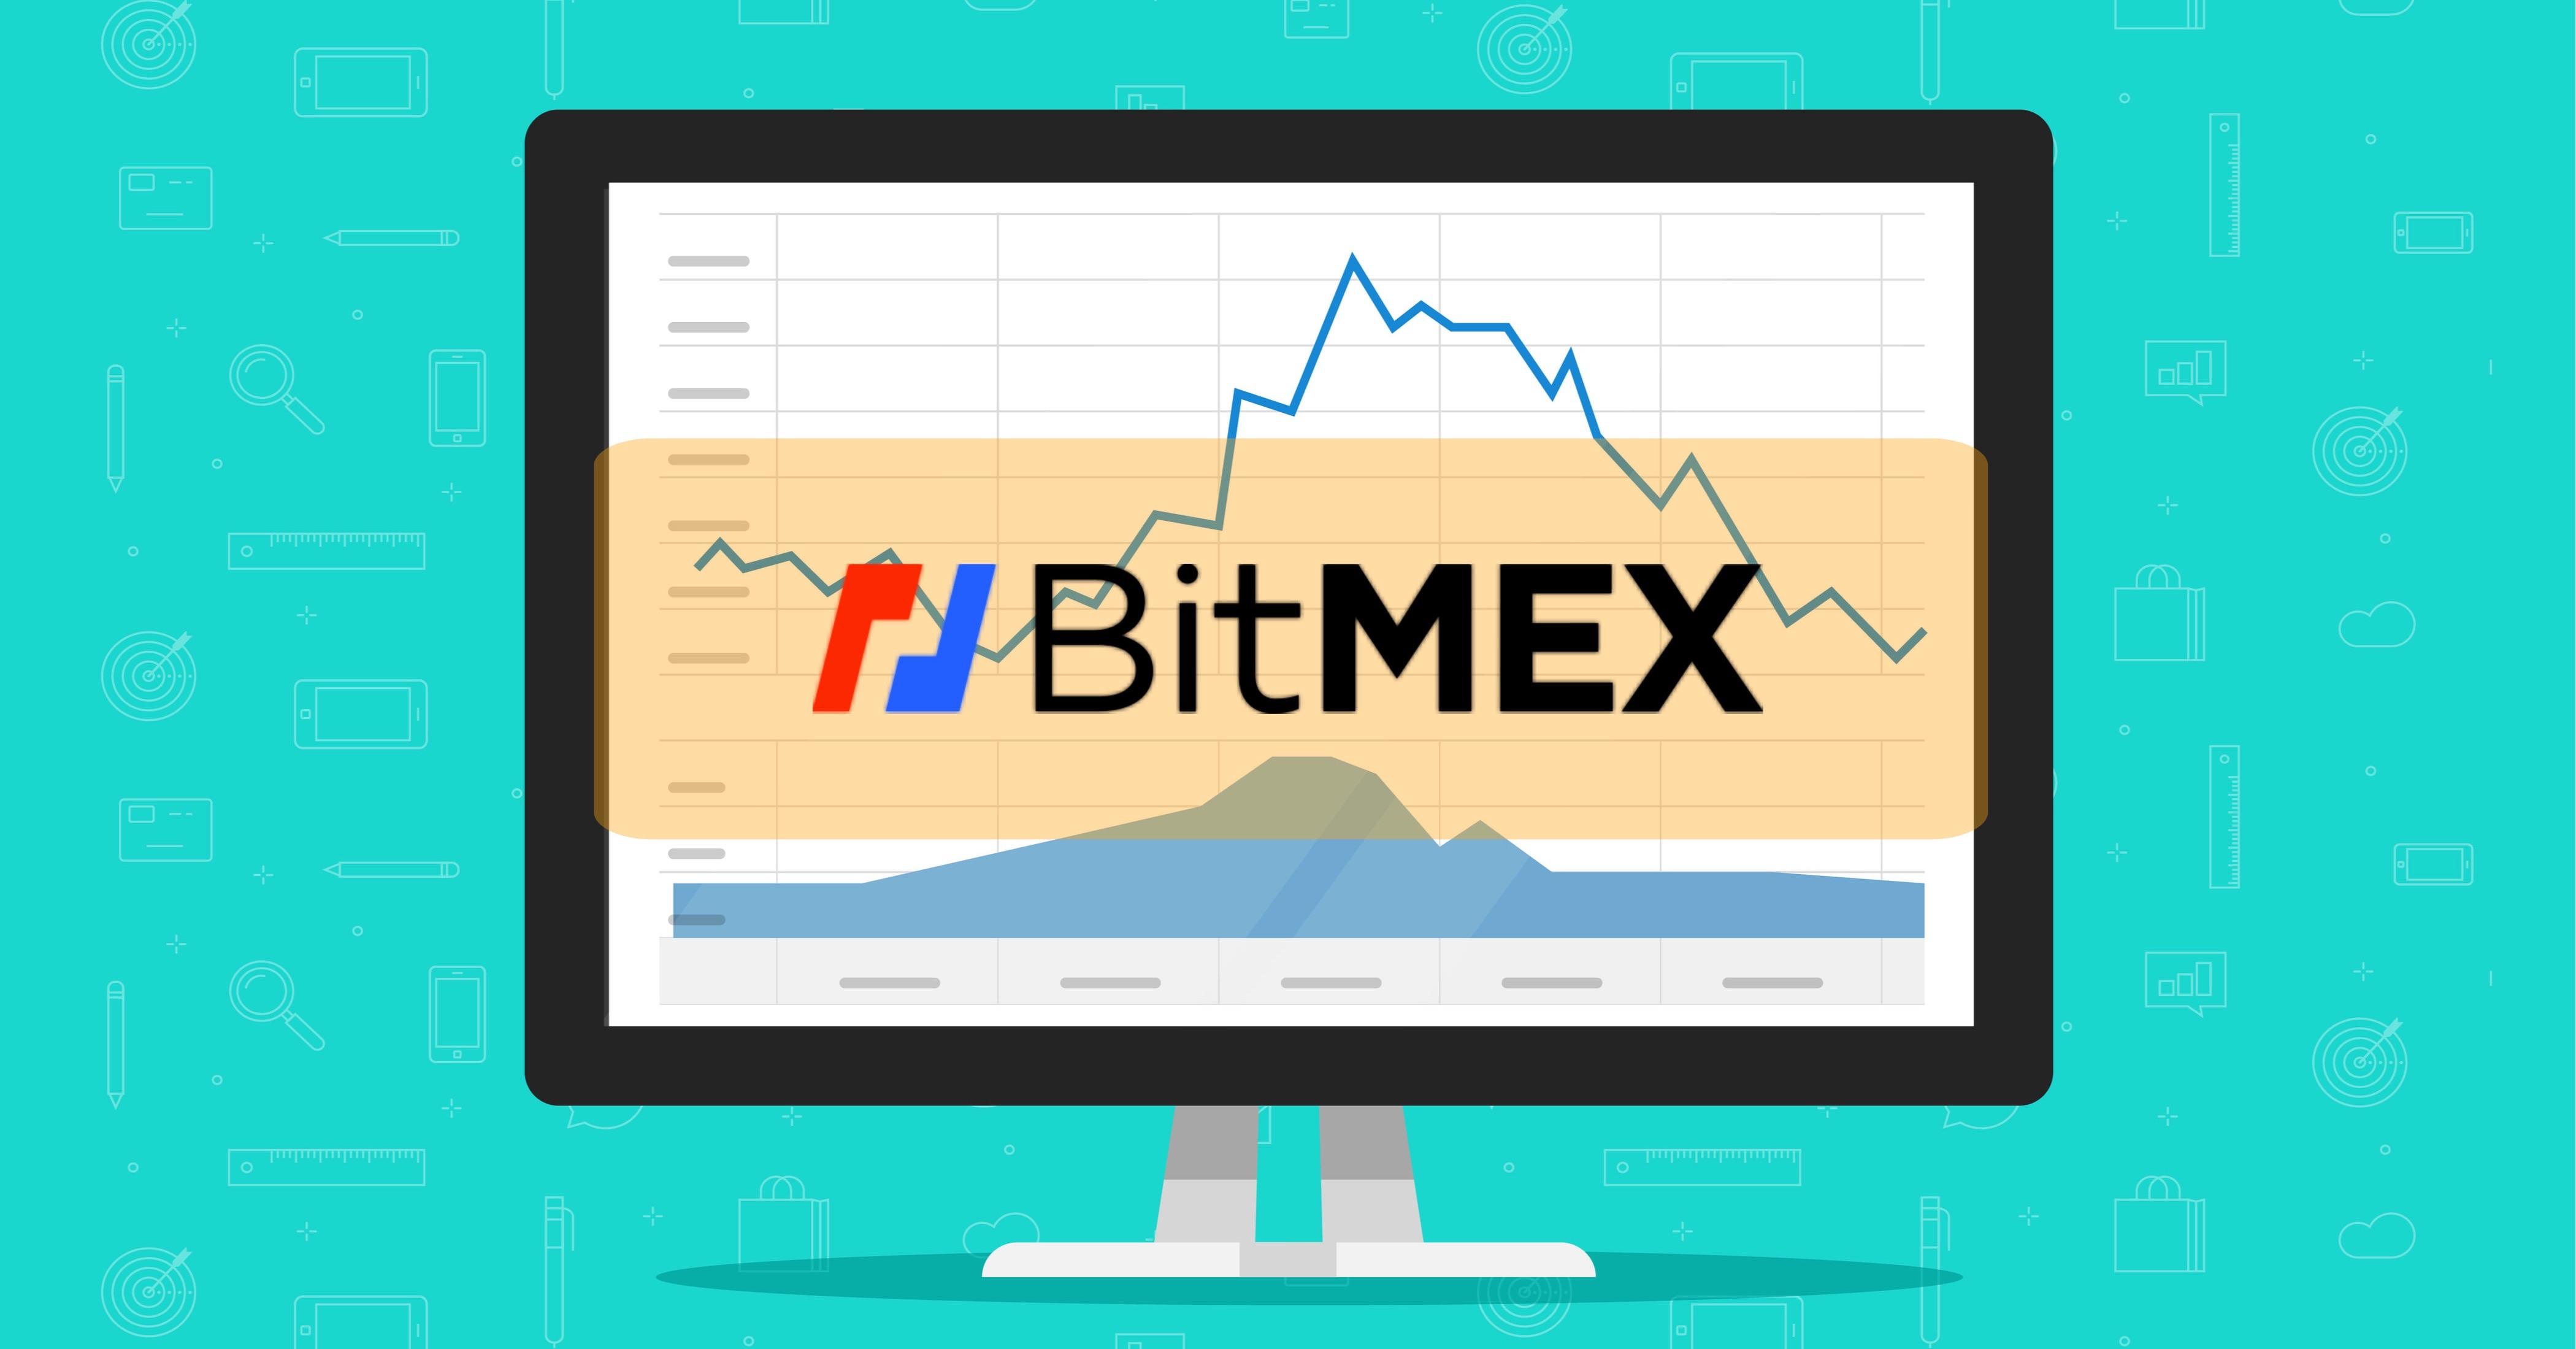 【これで解決】BitMEXの注文方法を総まとめ!「ストップ(逆指値)/トレイリング/Post Only」